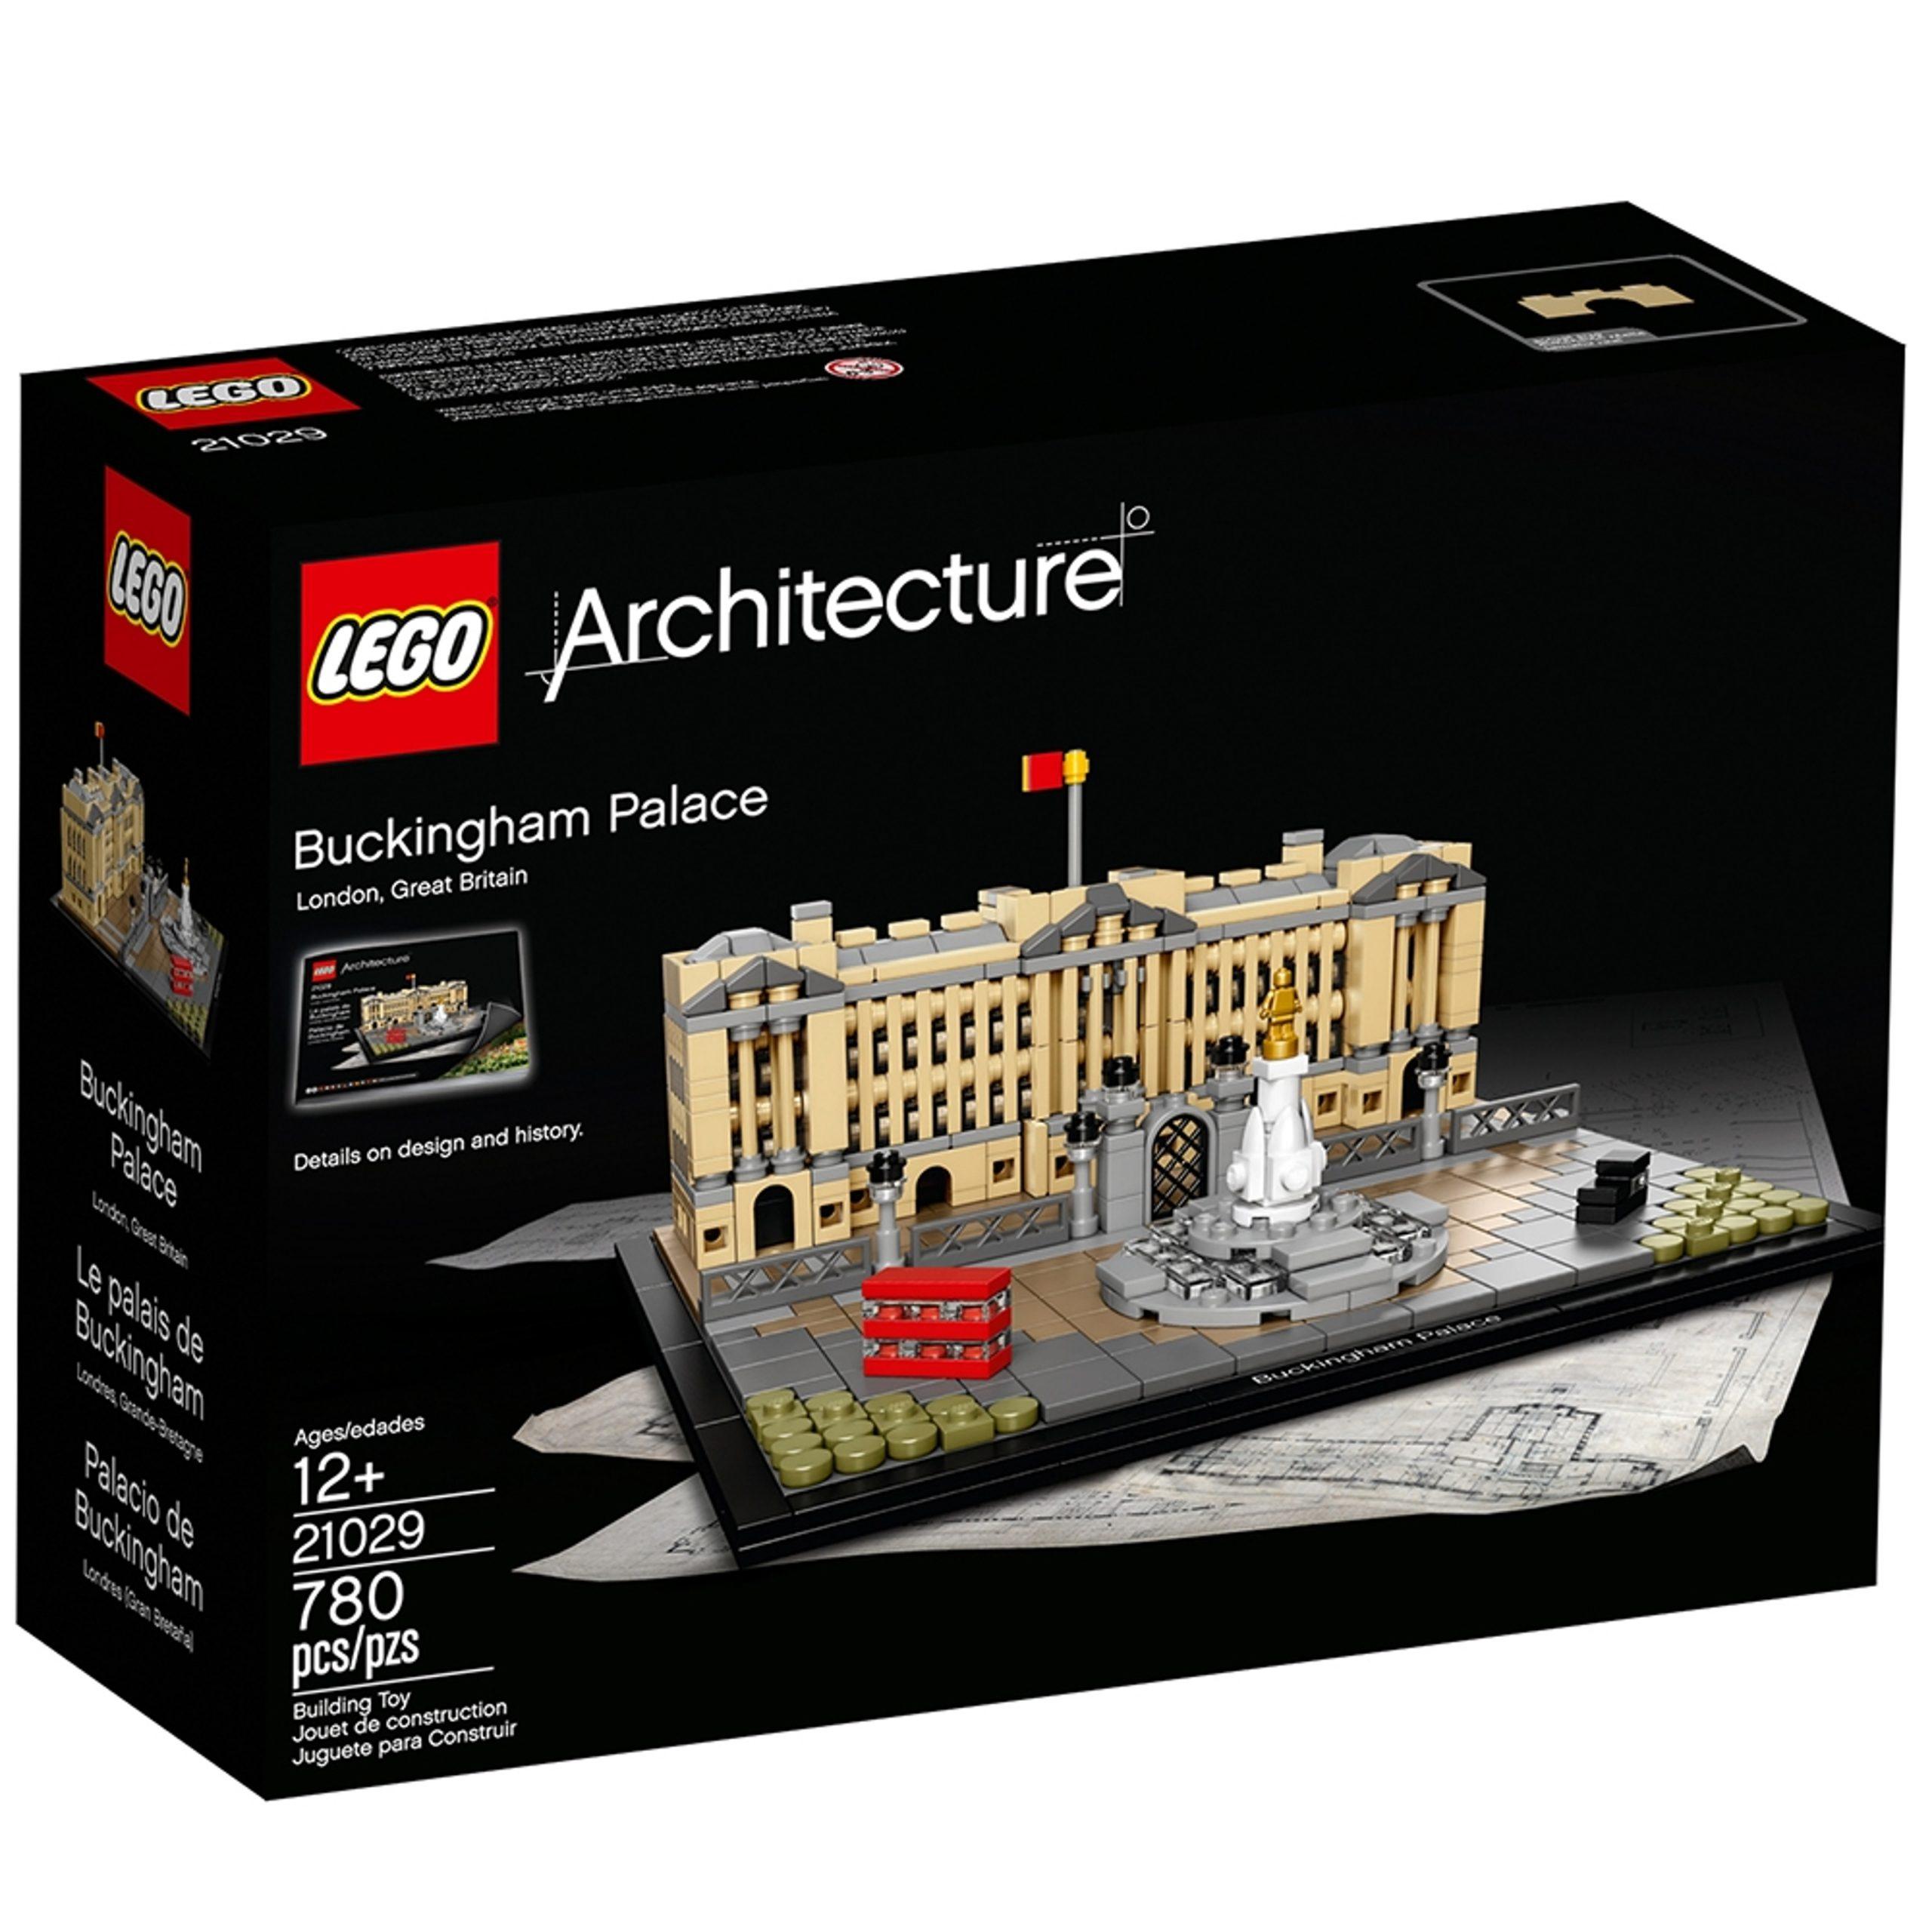 lego 21029 buckingham palace scaled